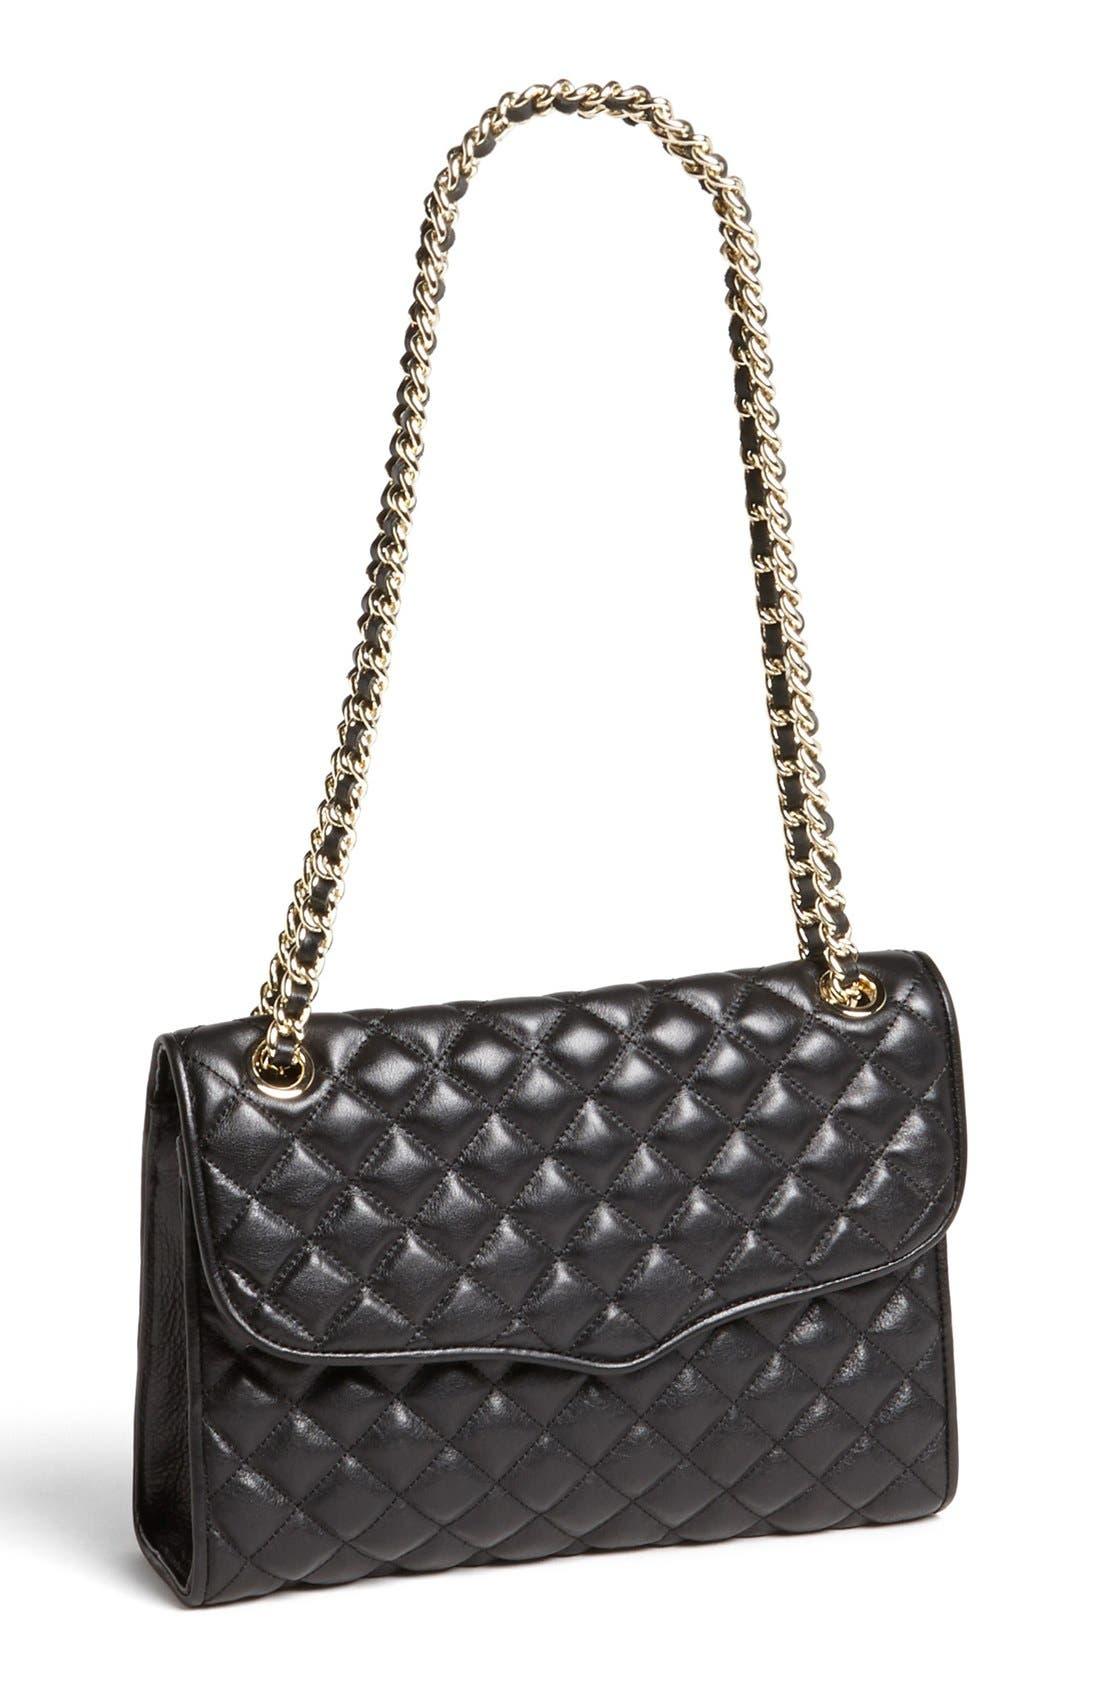 Alternate Image 1 Selected - Rebecca Minkoff 'Quilted Affair' Shoulder Bag